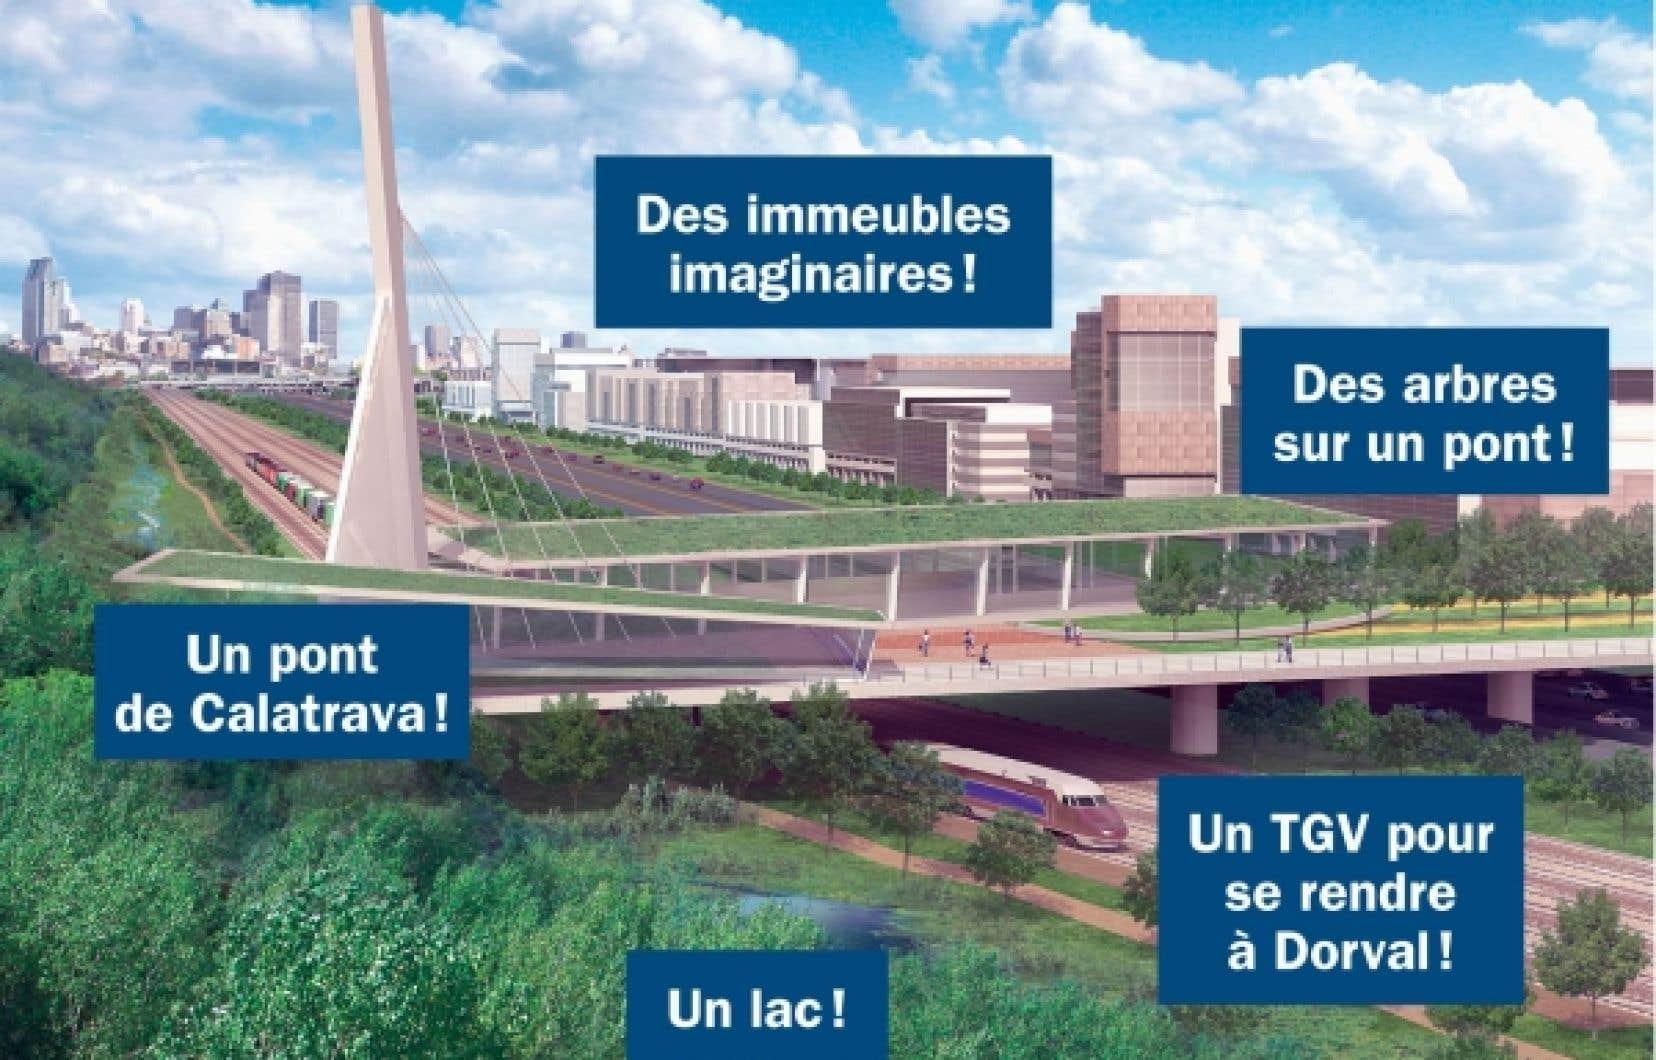 Les images virtuelles du futur grand carrefour des autoroutes urbaines de Montréal montrent un paradis du transport, mais aussi l'Éden du développement vert et durable abritant un florilège de la meilleure architecture mondiale.